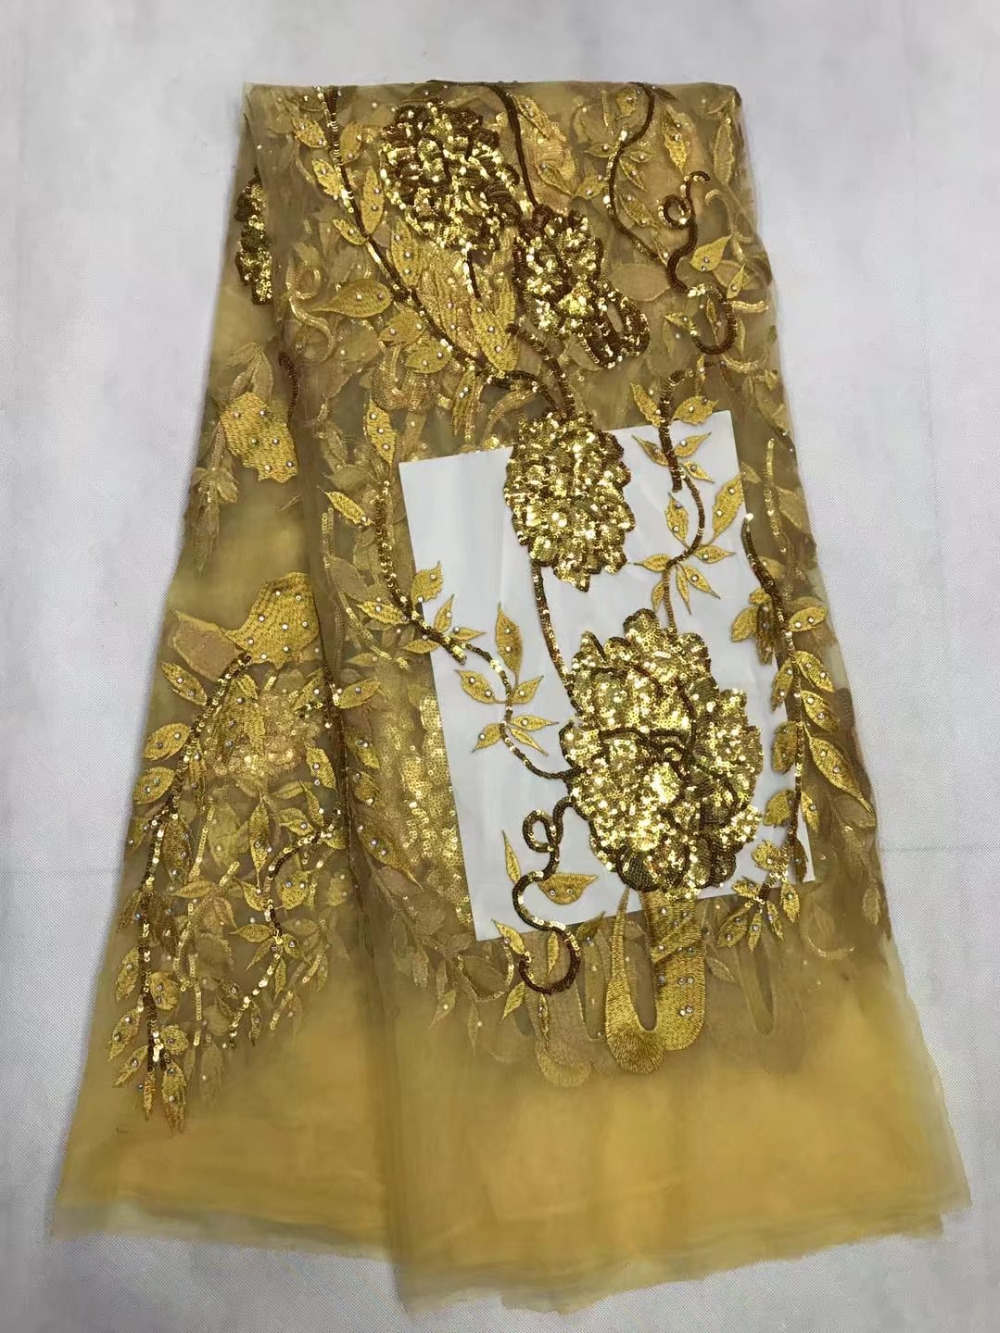 Aur de culori de aur Sequins 5 Yards Lalele africane franceză Tulle - Arte, meșteșuguri și cusut